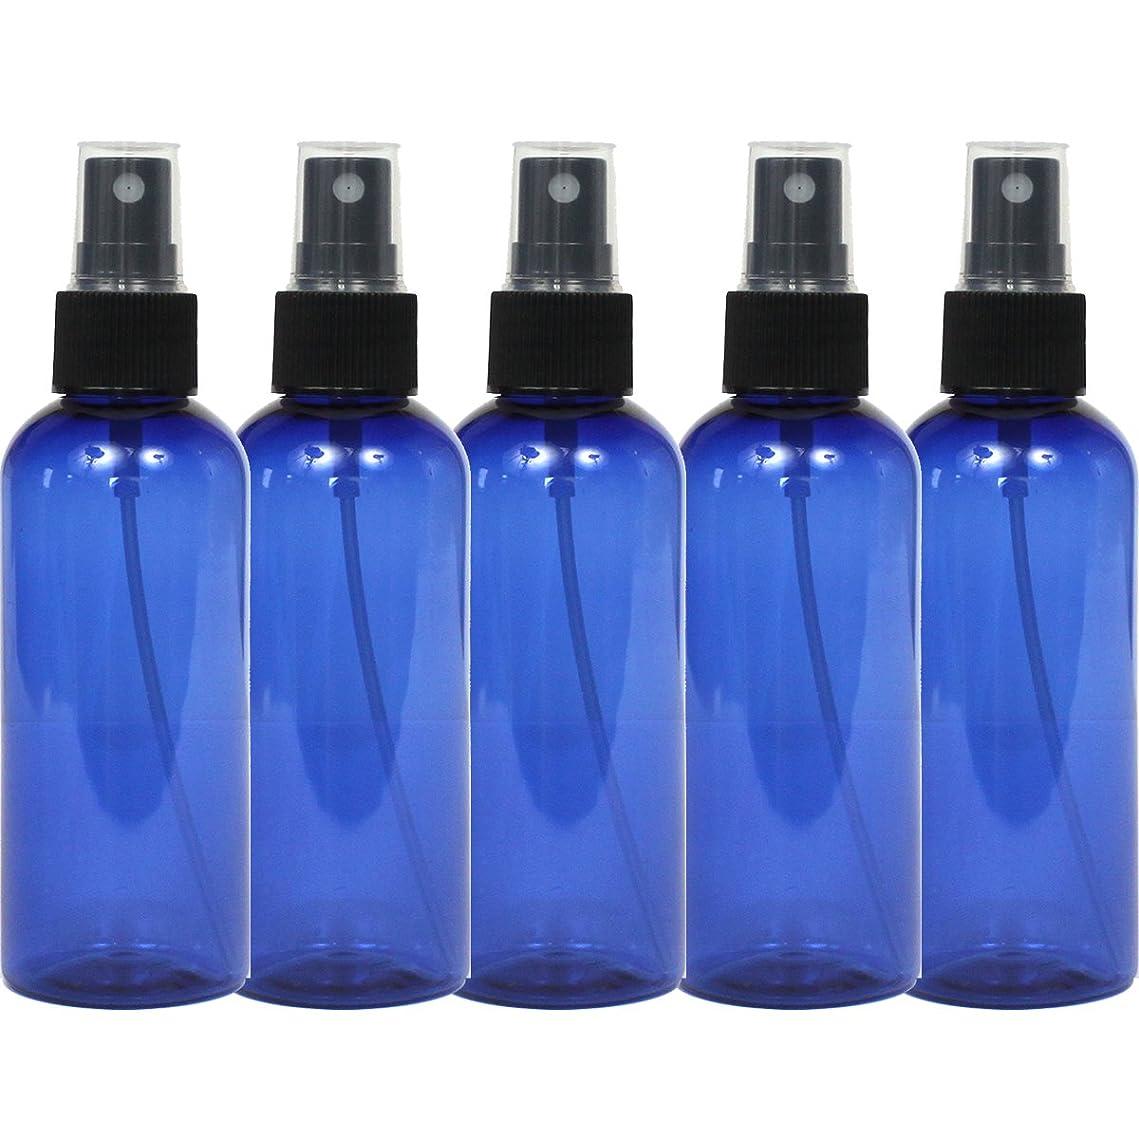 アシスト奨励読むスプレーボトル 100mL ブルー黒ヘッド5本セット遮光性青色 おしゃれペットボトル空容器bu100bk5